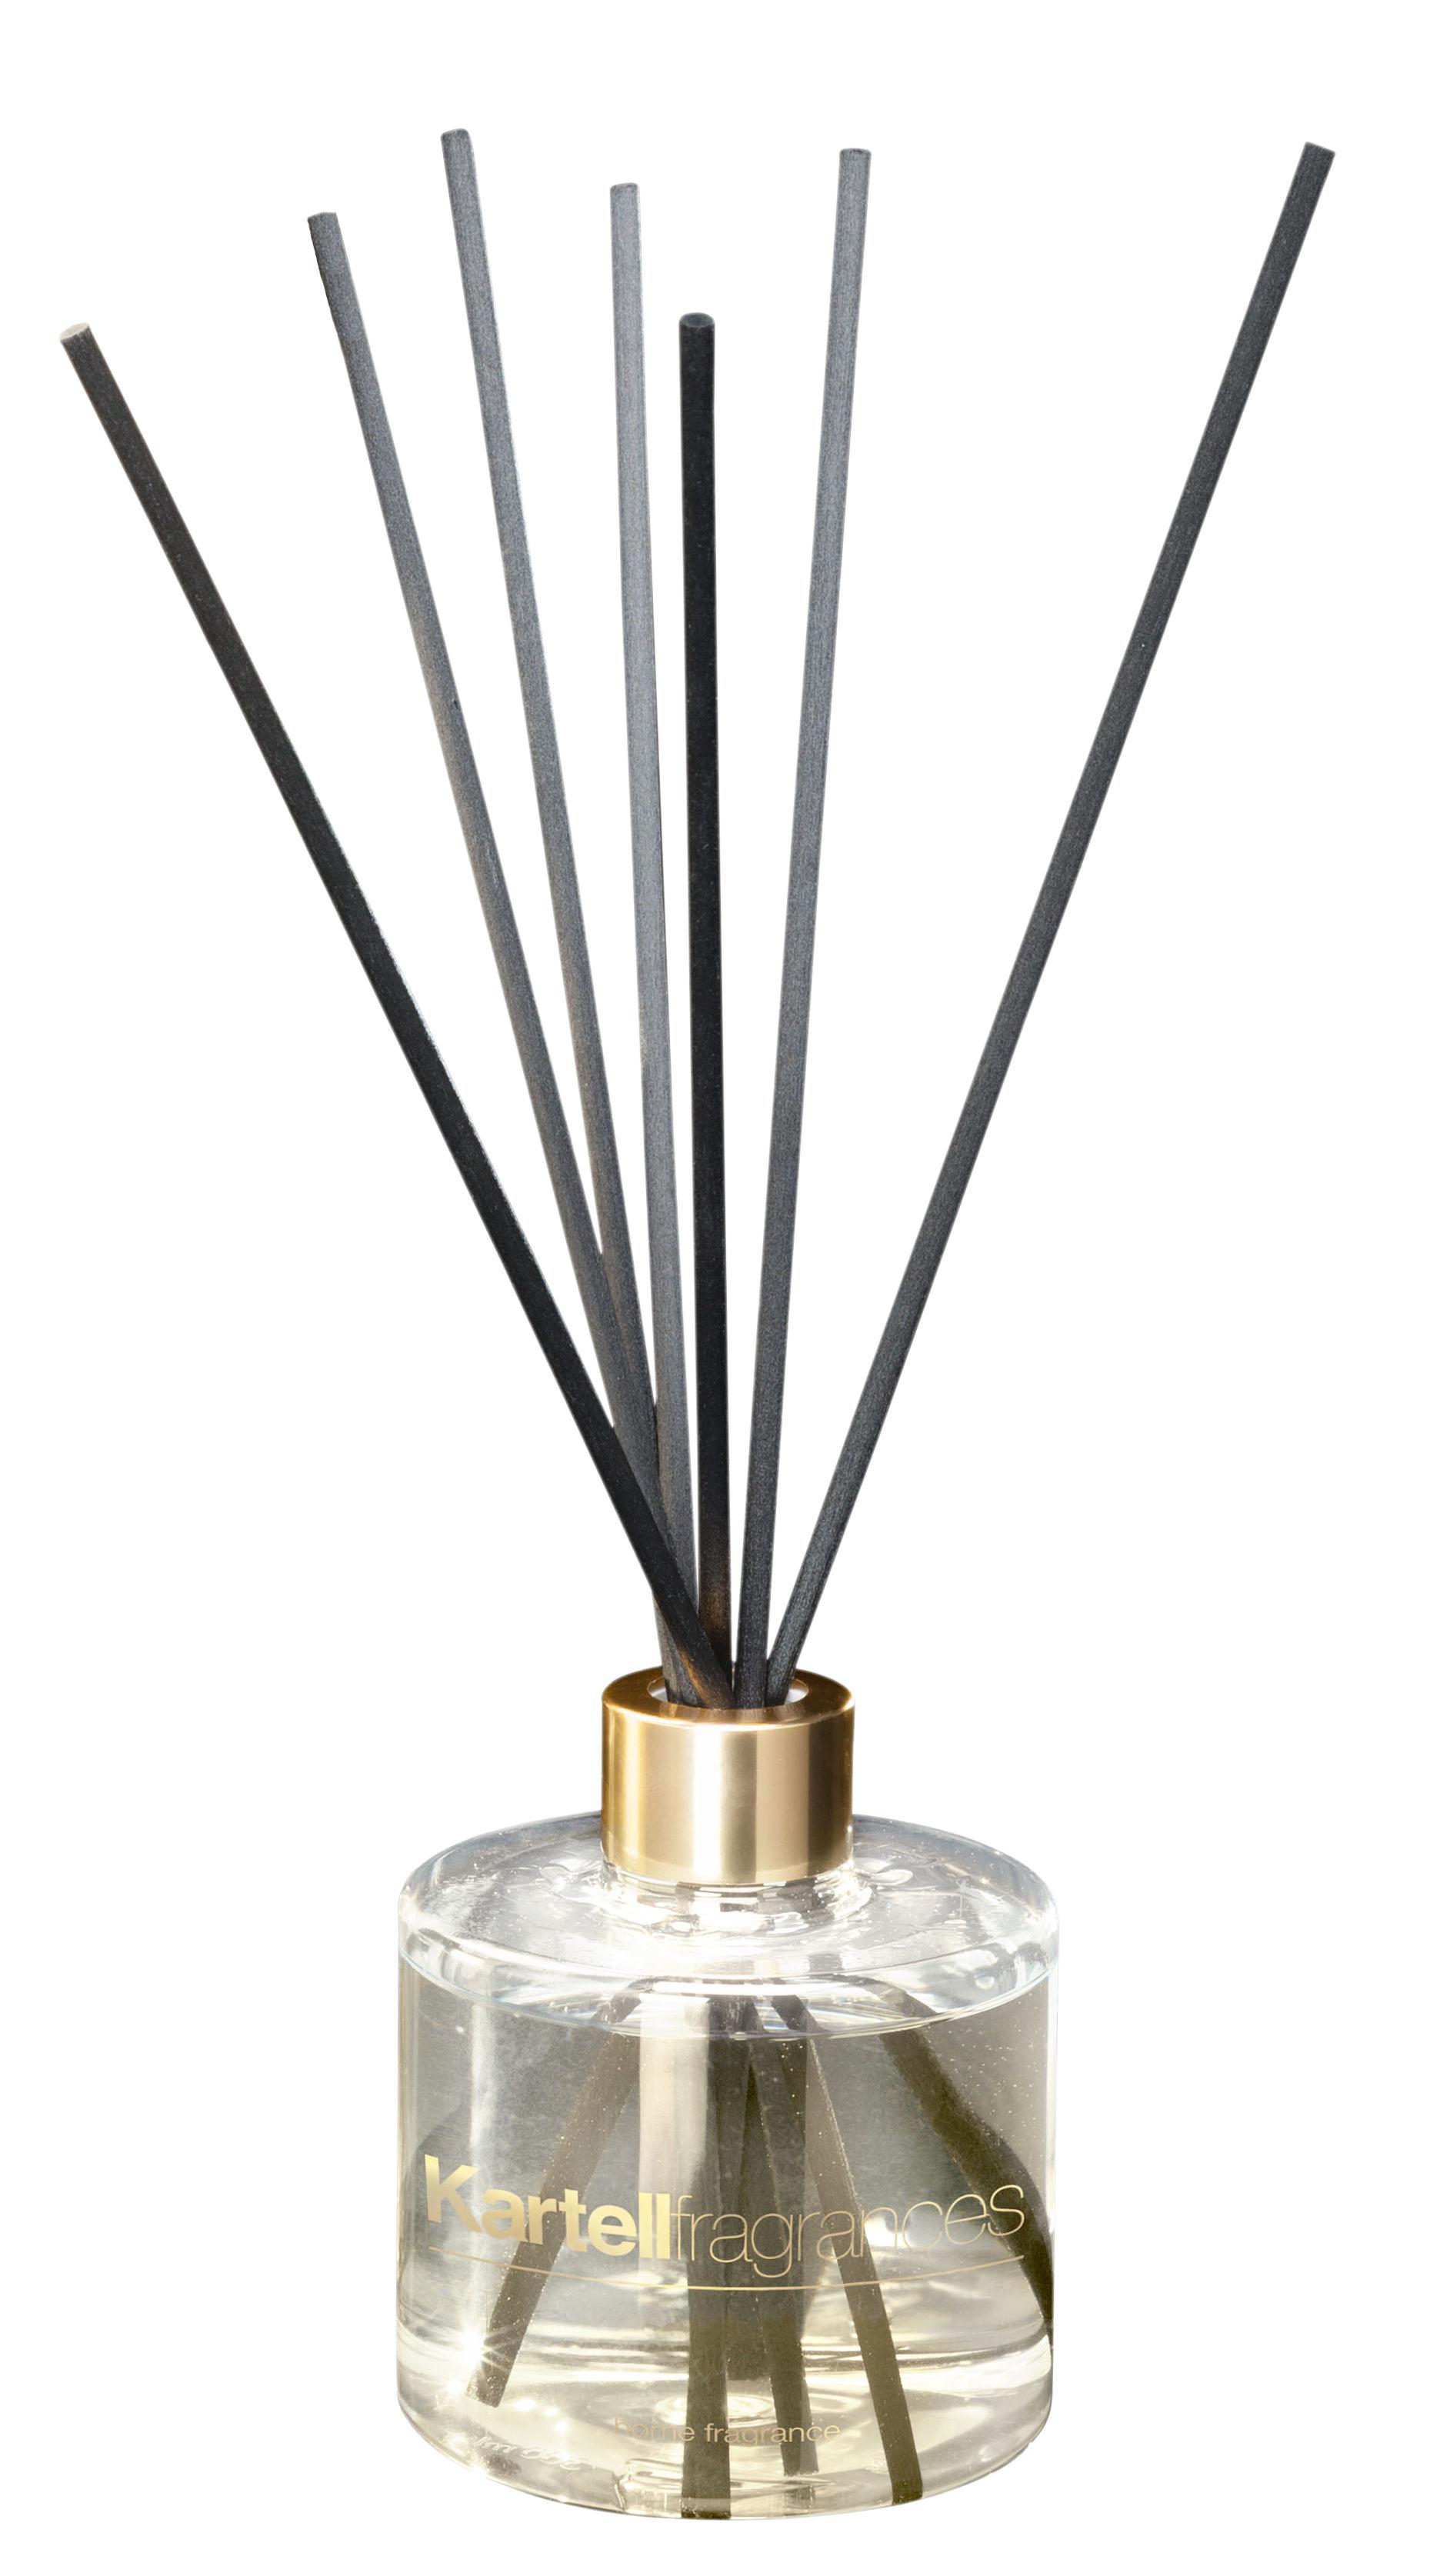 diffuseur de parfum cache cache kartell fragrances. Black Bedroom Furniture Sets. Home Design Ideas